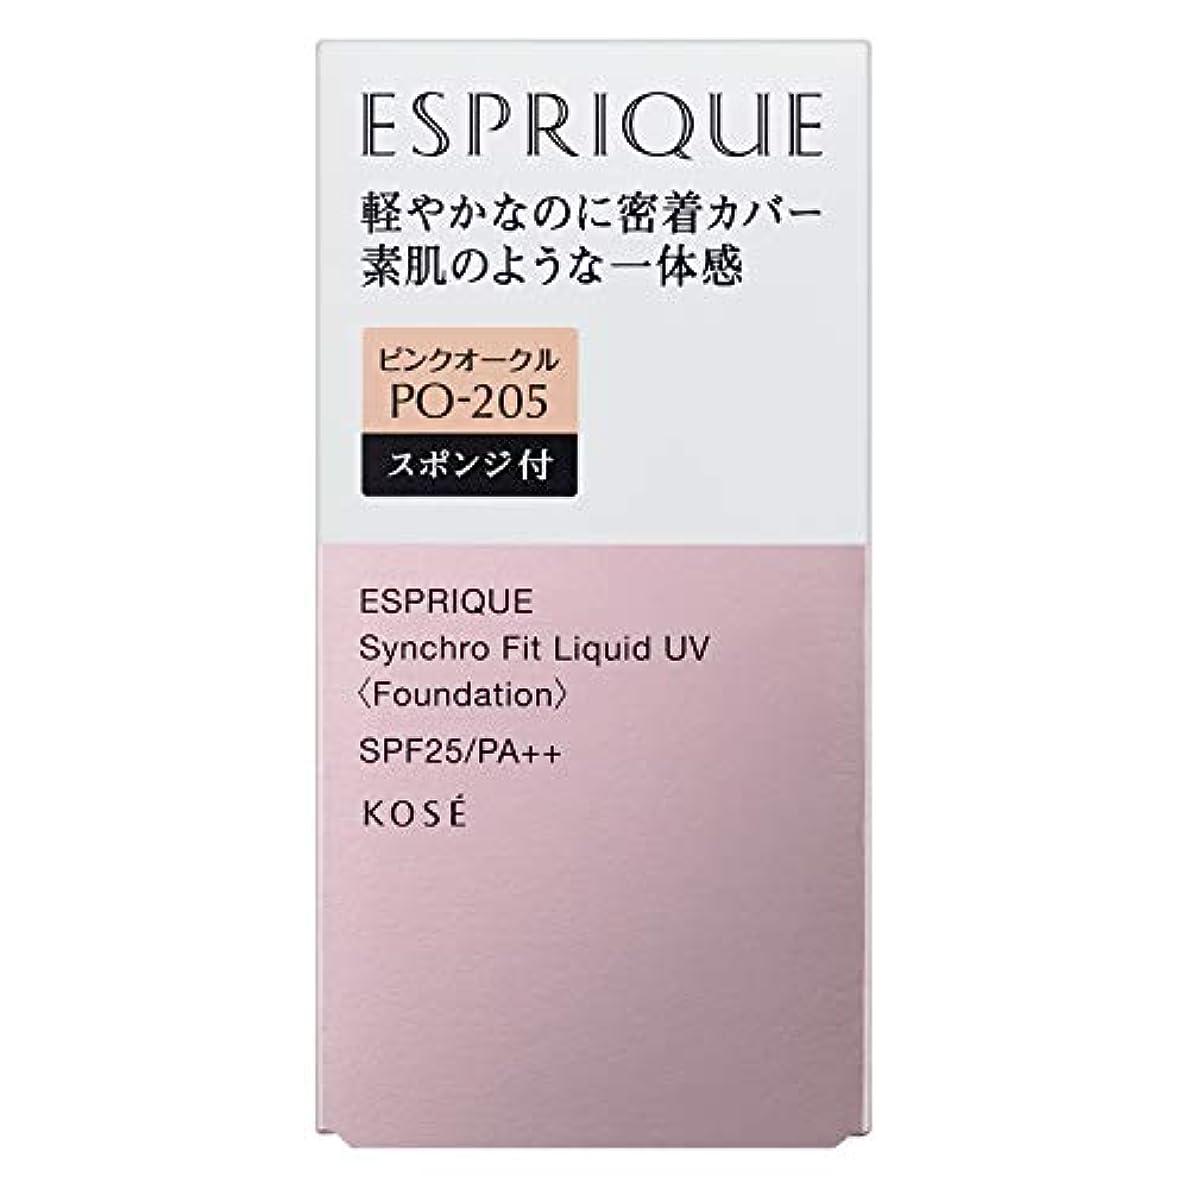 年金受給者最近デッキESPRIQUE(エスプリーク) エスプリーク シンクロフィット リキッド UV ファンデーション 無香料 PO-205 ピンクオークル 30g